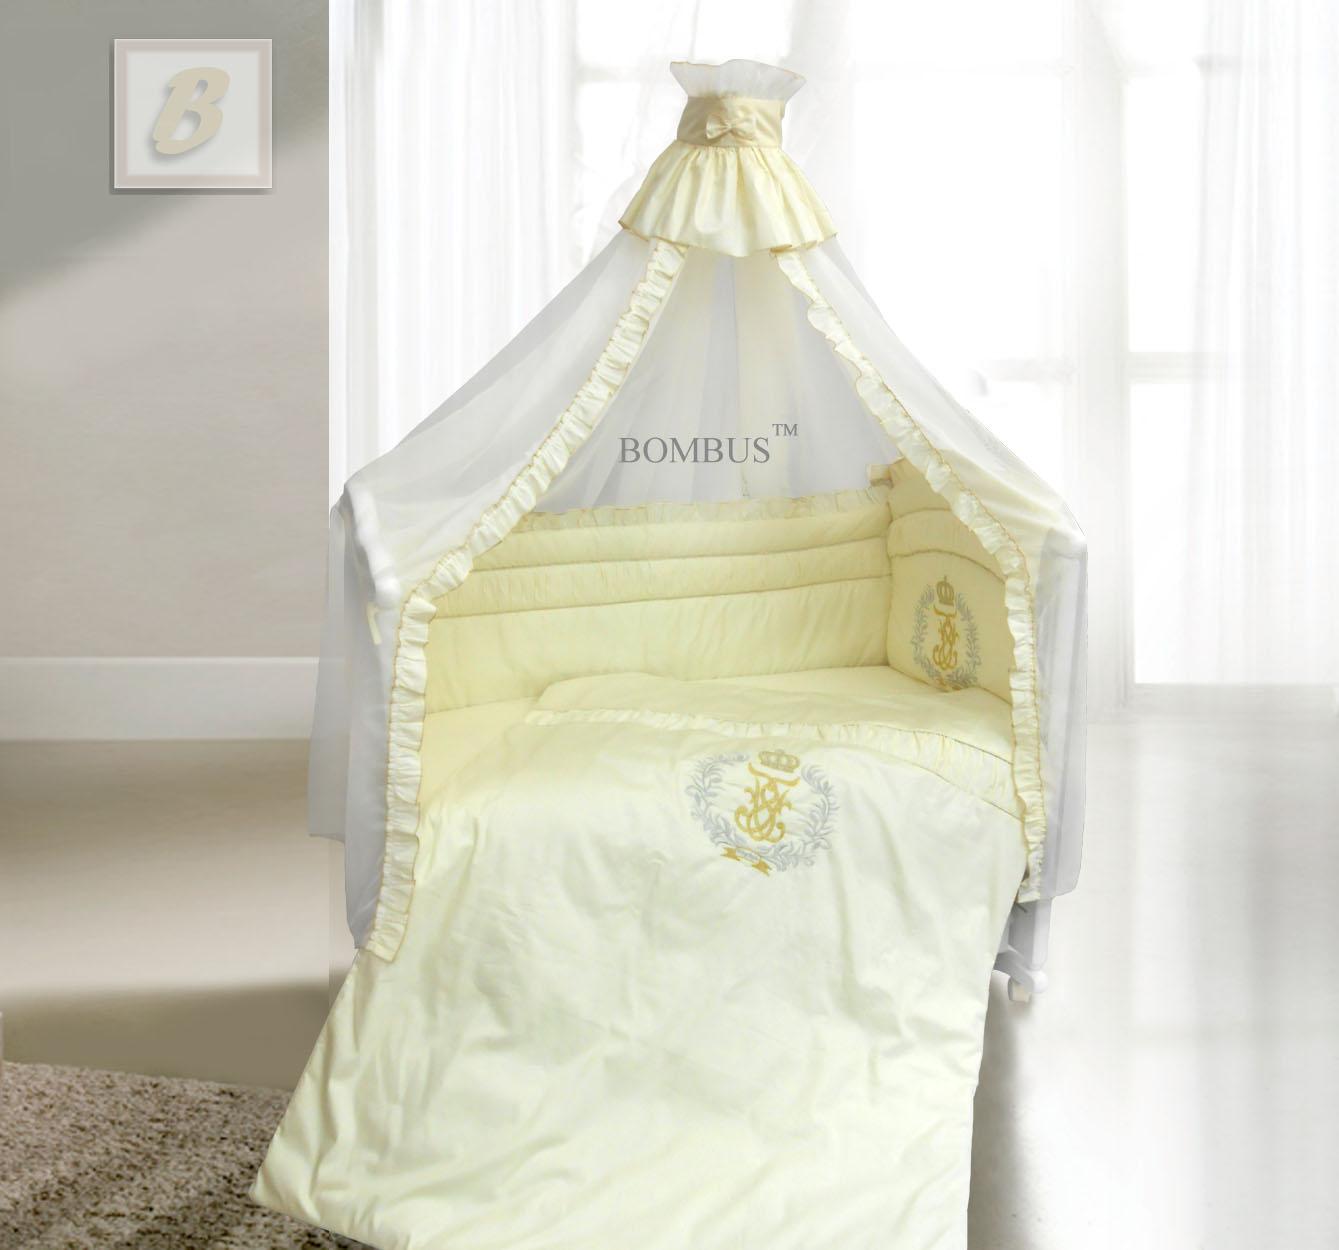 Комплект в кроватку - Королевский, 7 предметовДетское постельное белье<br>Комплект в кроватку - Королевский, 7 предметов<br>